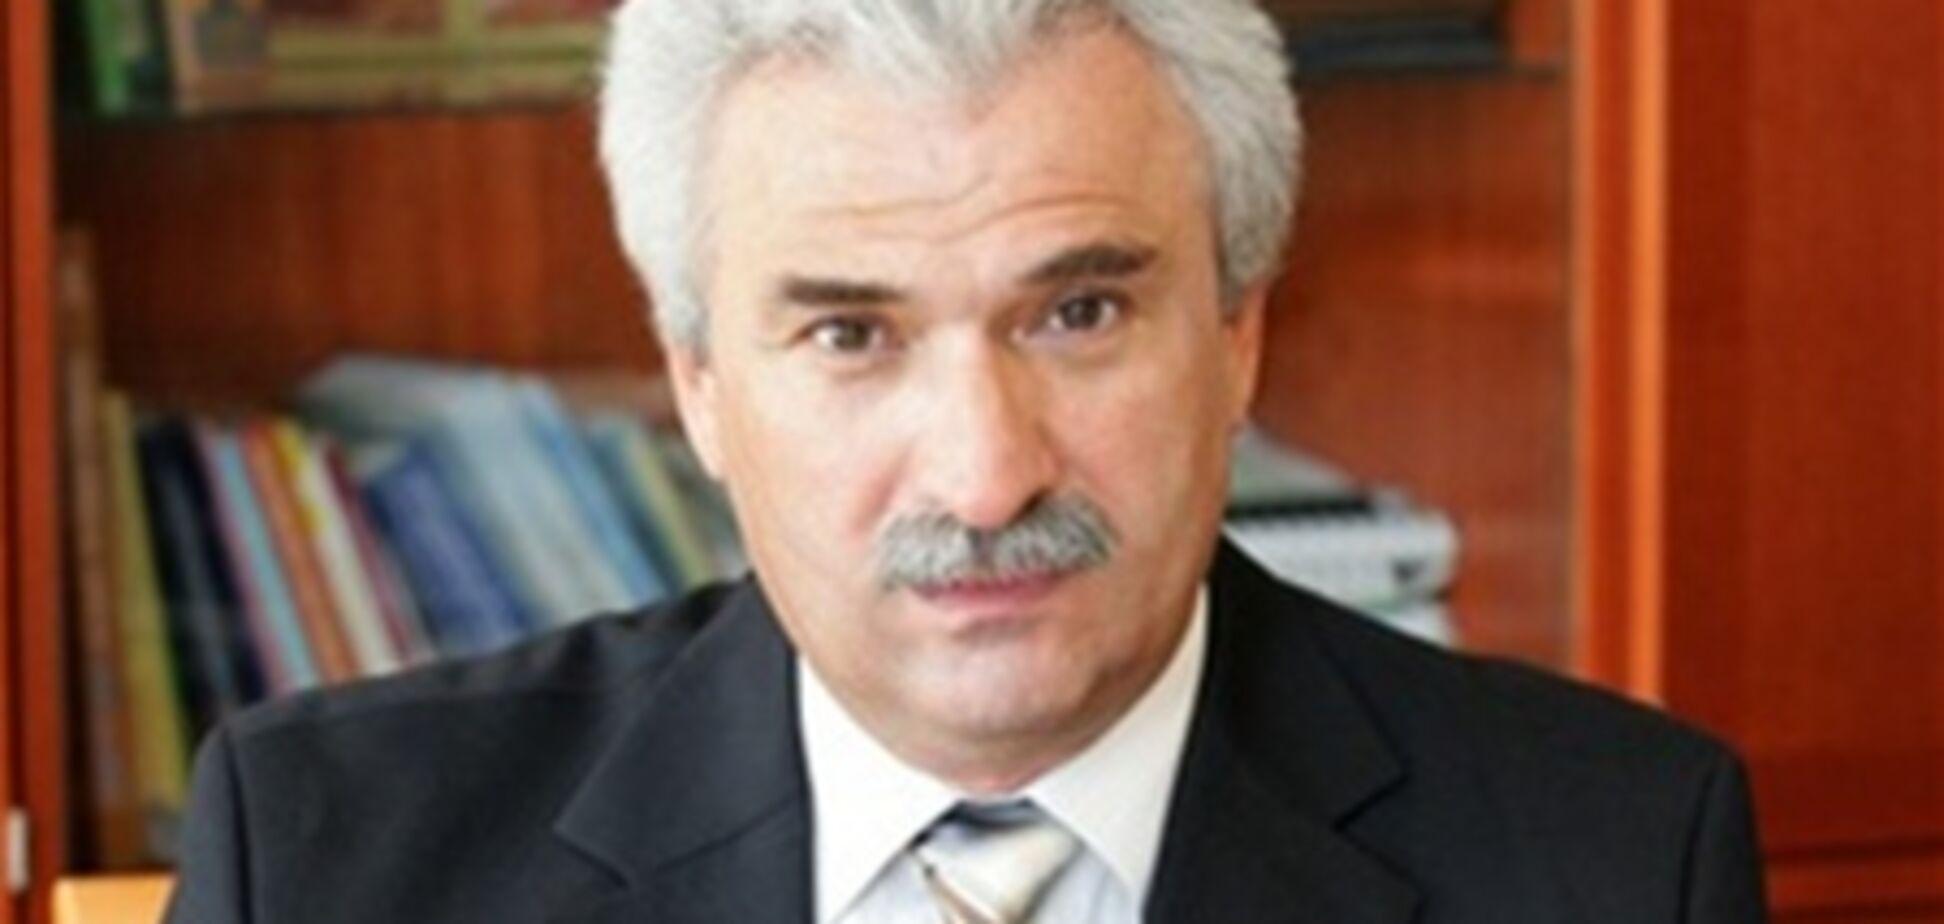 Депутат от ПР скончался во время игры в теннис